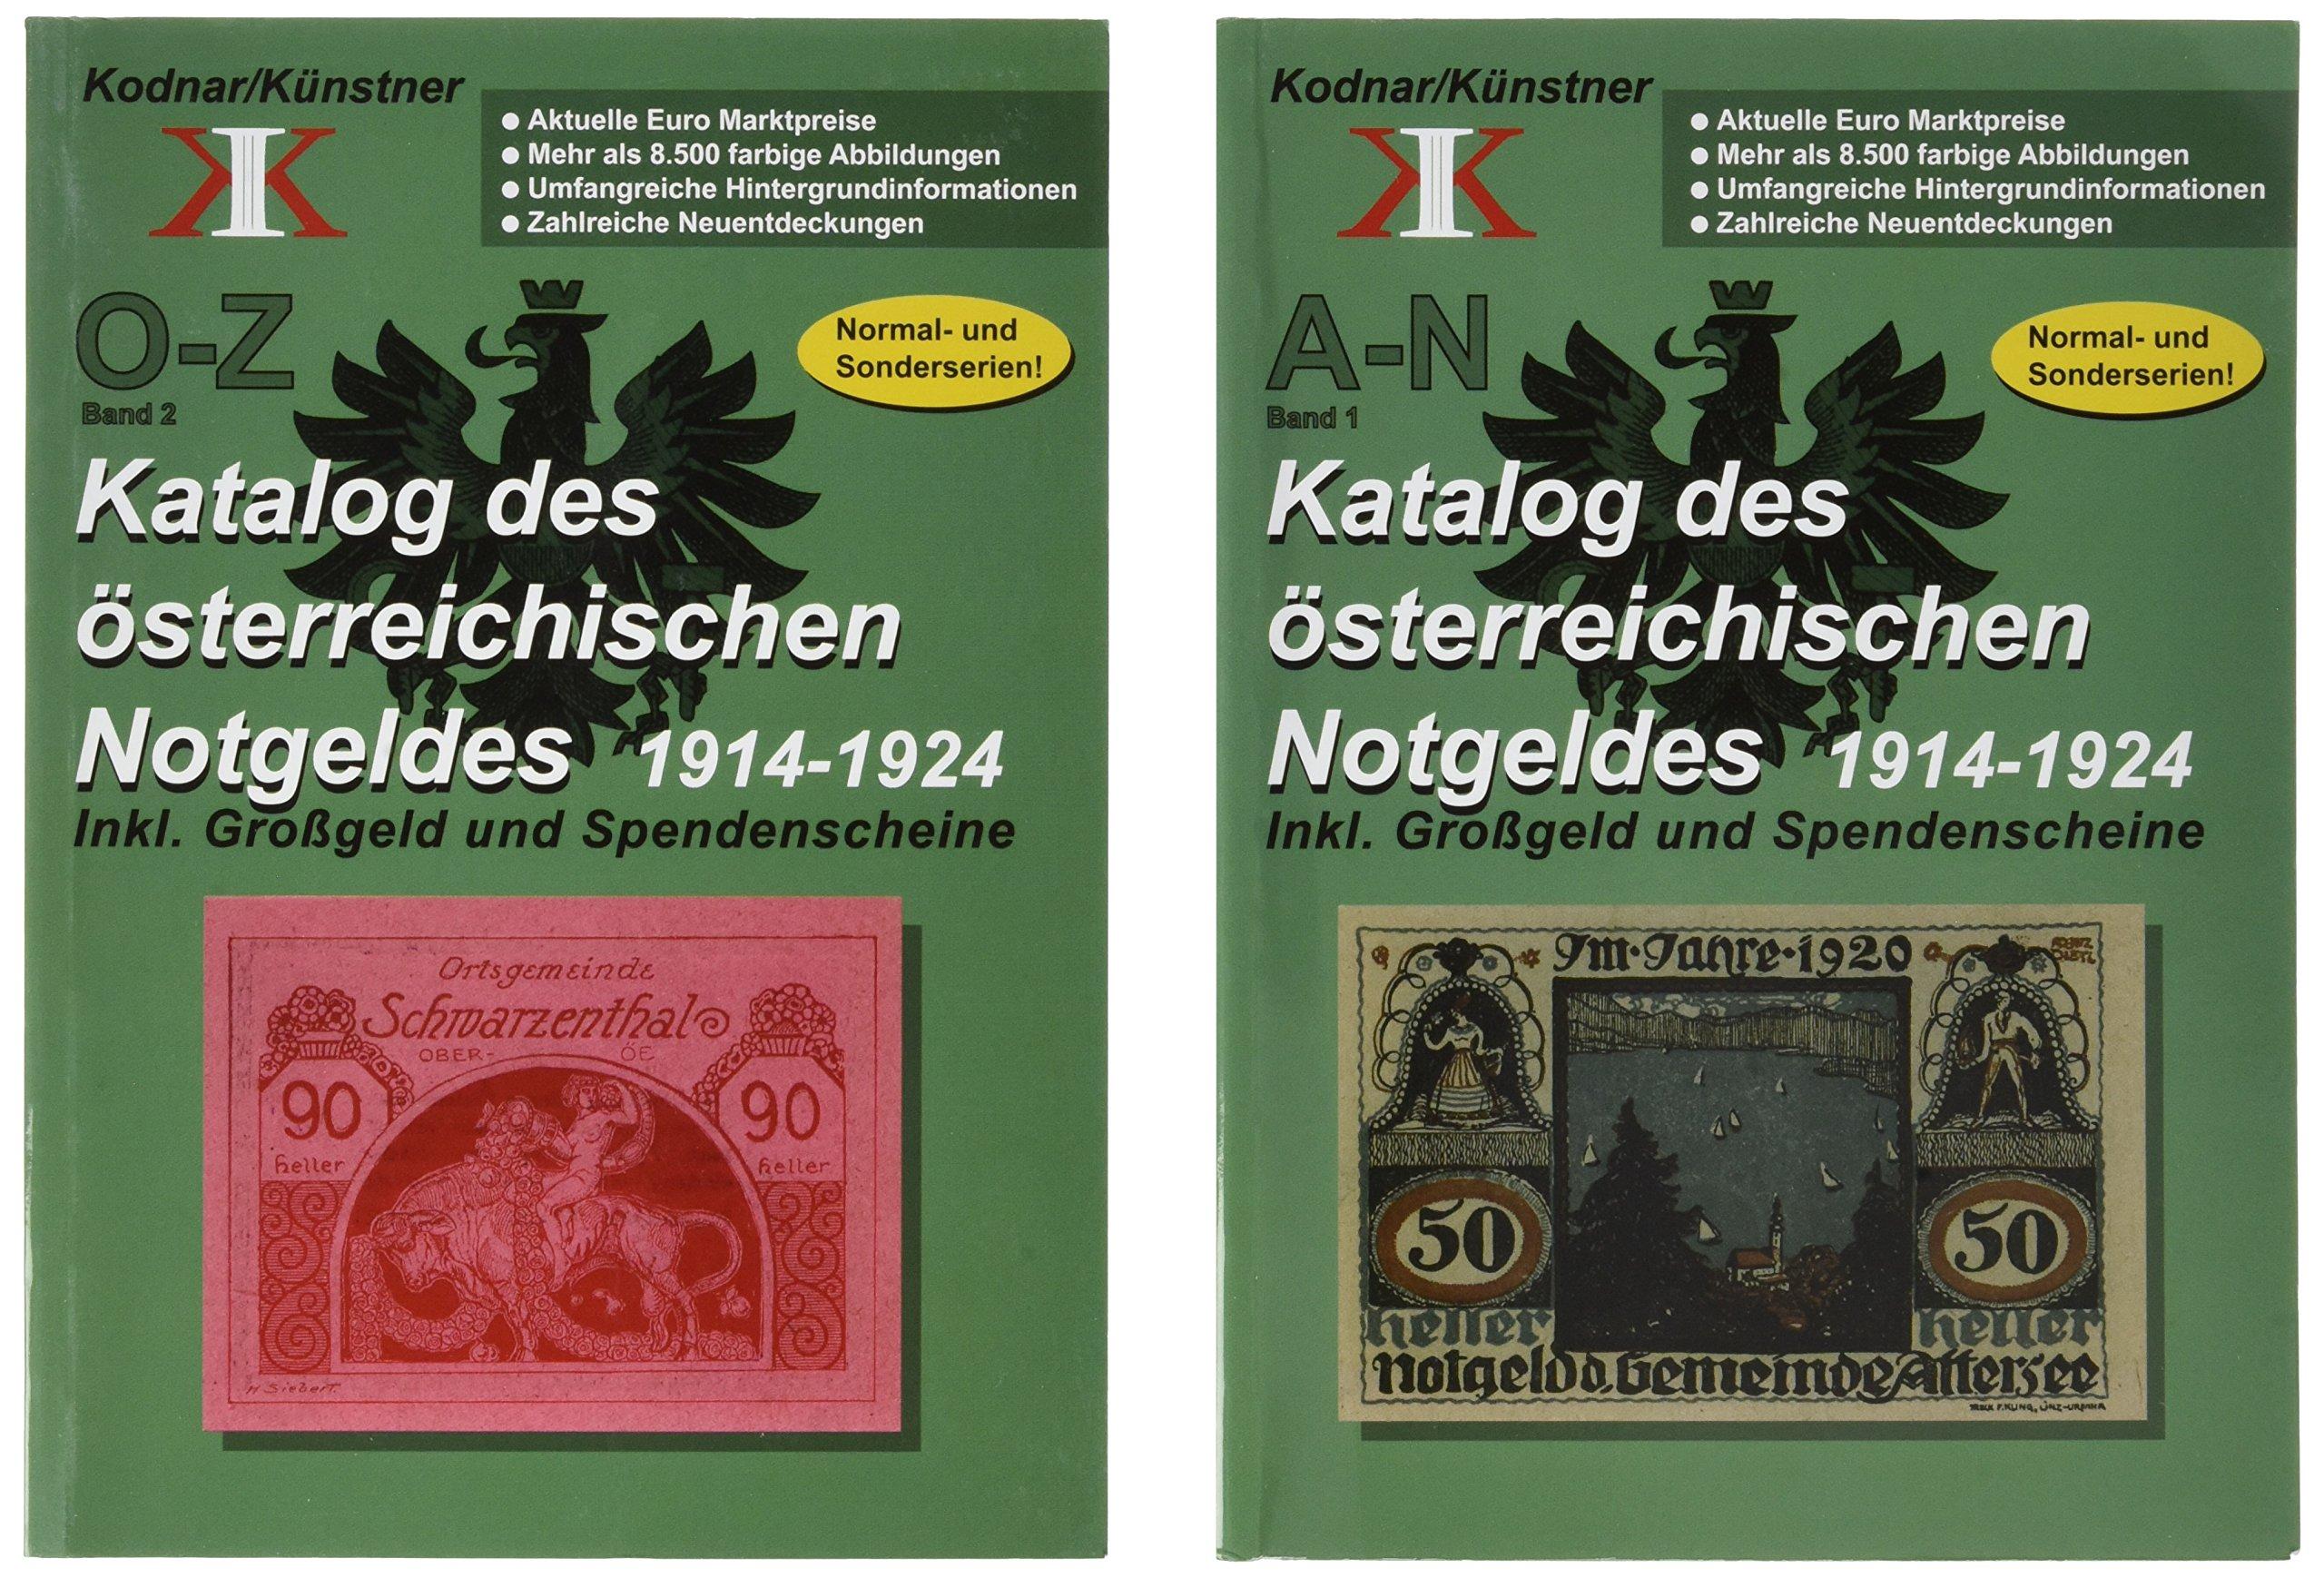 Katalog des österreichischen Notgeldes 1914-1924 in 2 Bänden ...